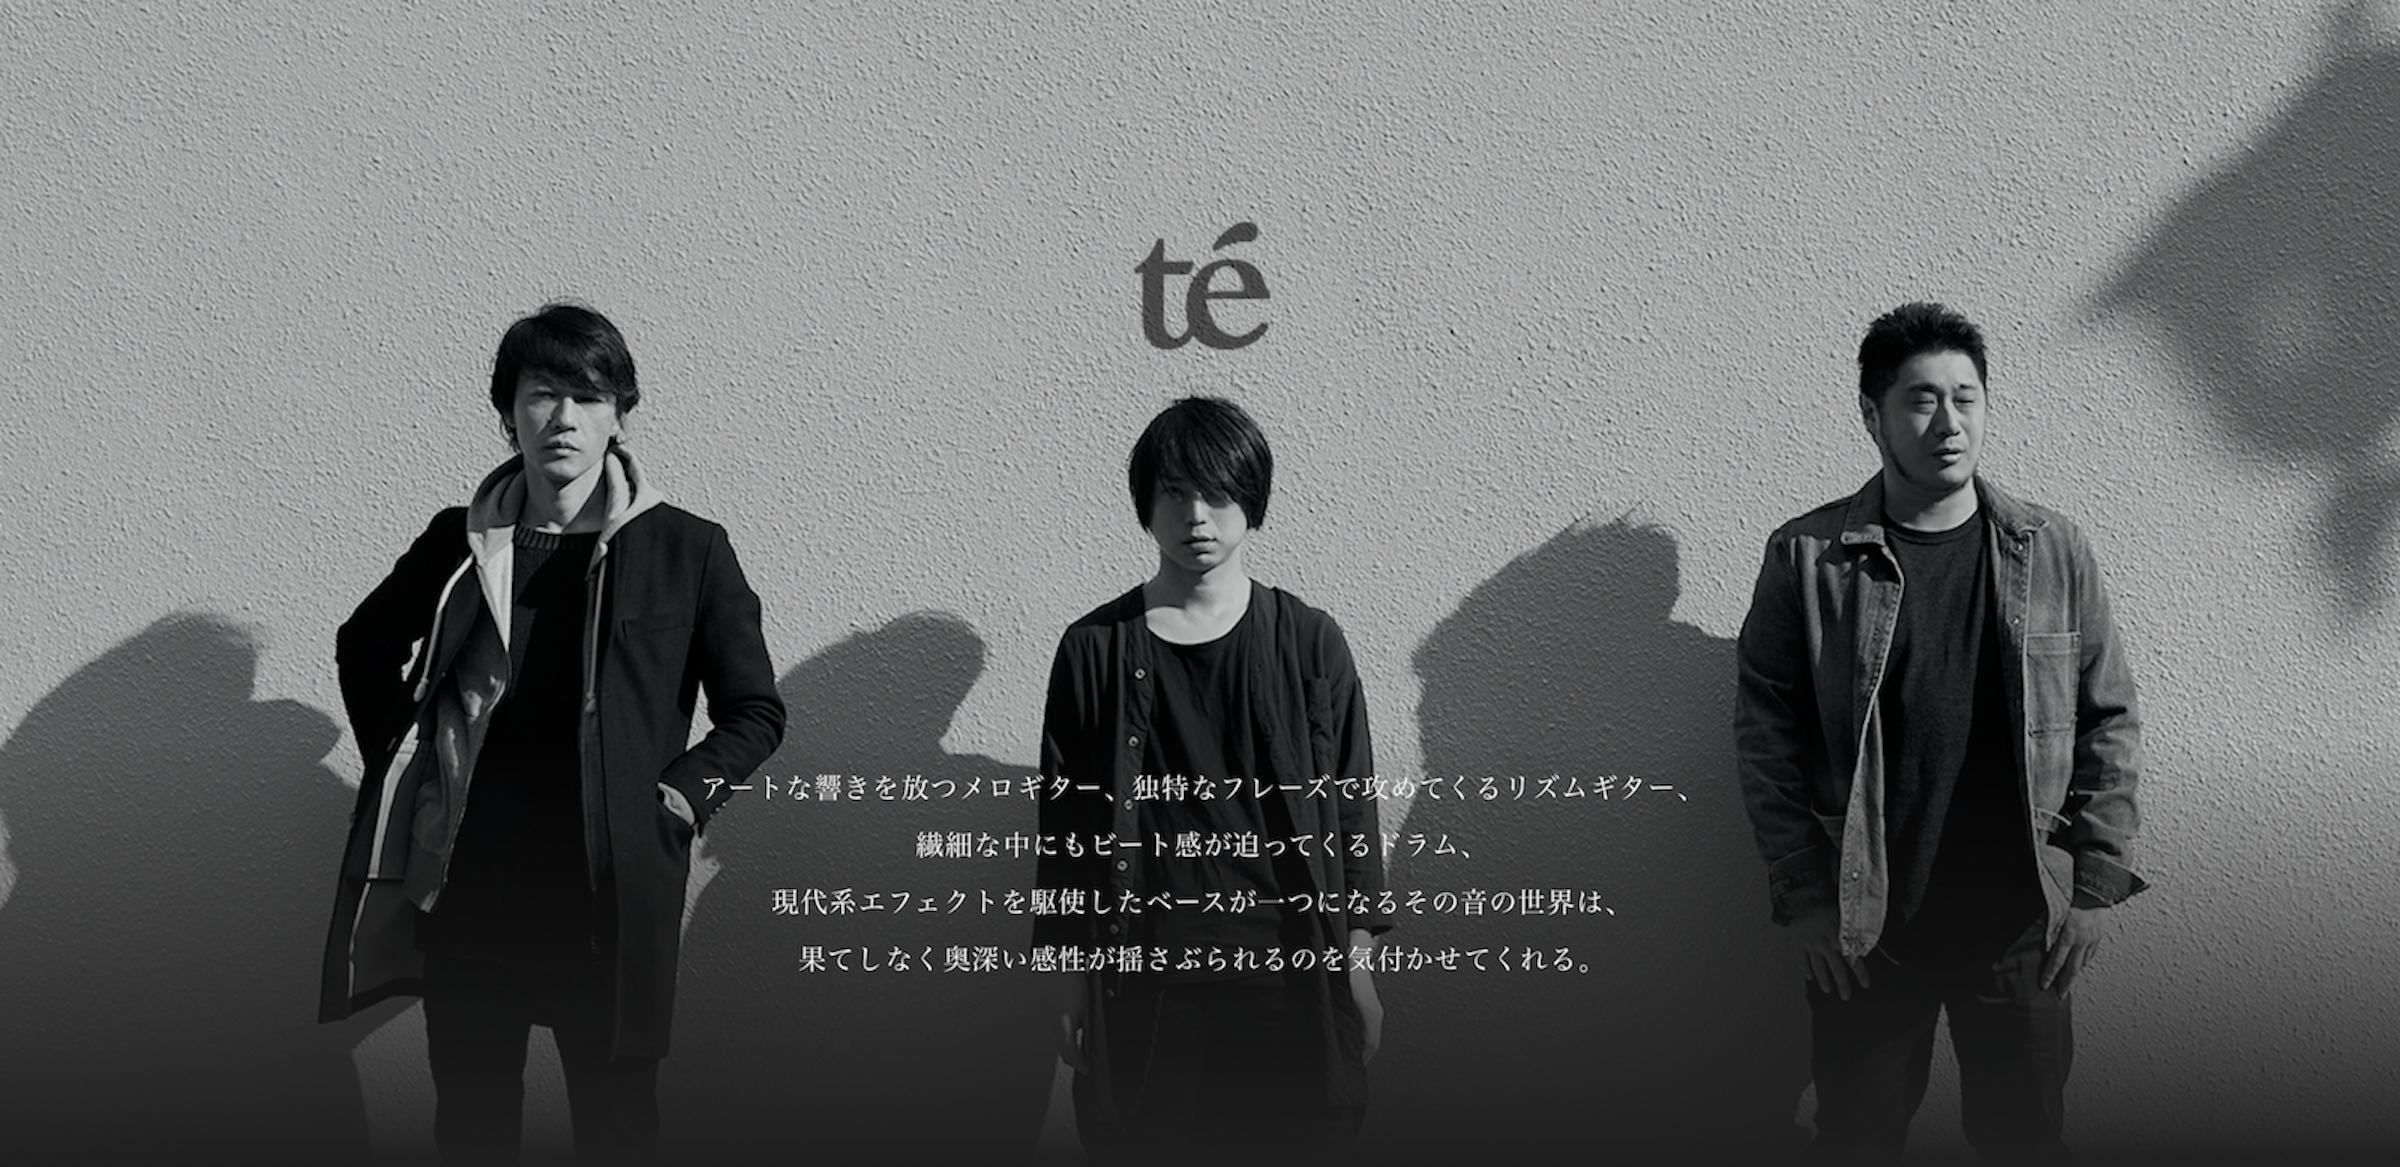 ポストロックの雄、te'の中国・台湾ツアーファイナル公演映像化プロジェクト